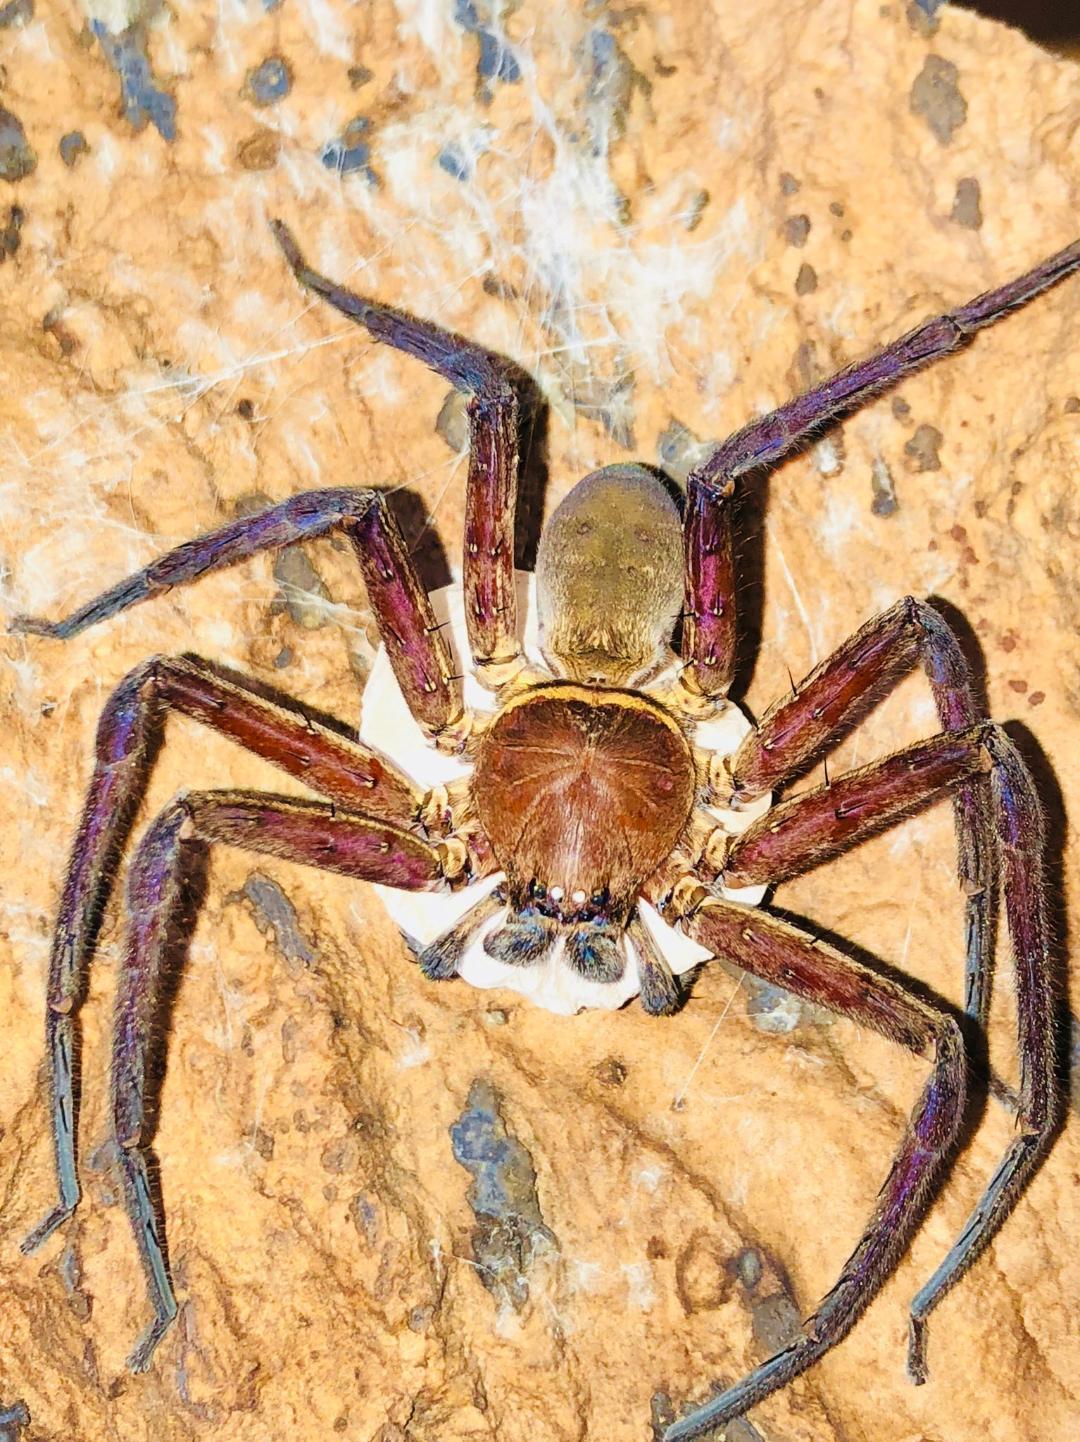 Giant Japanese Huntsman Spider